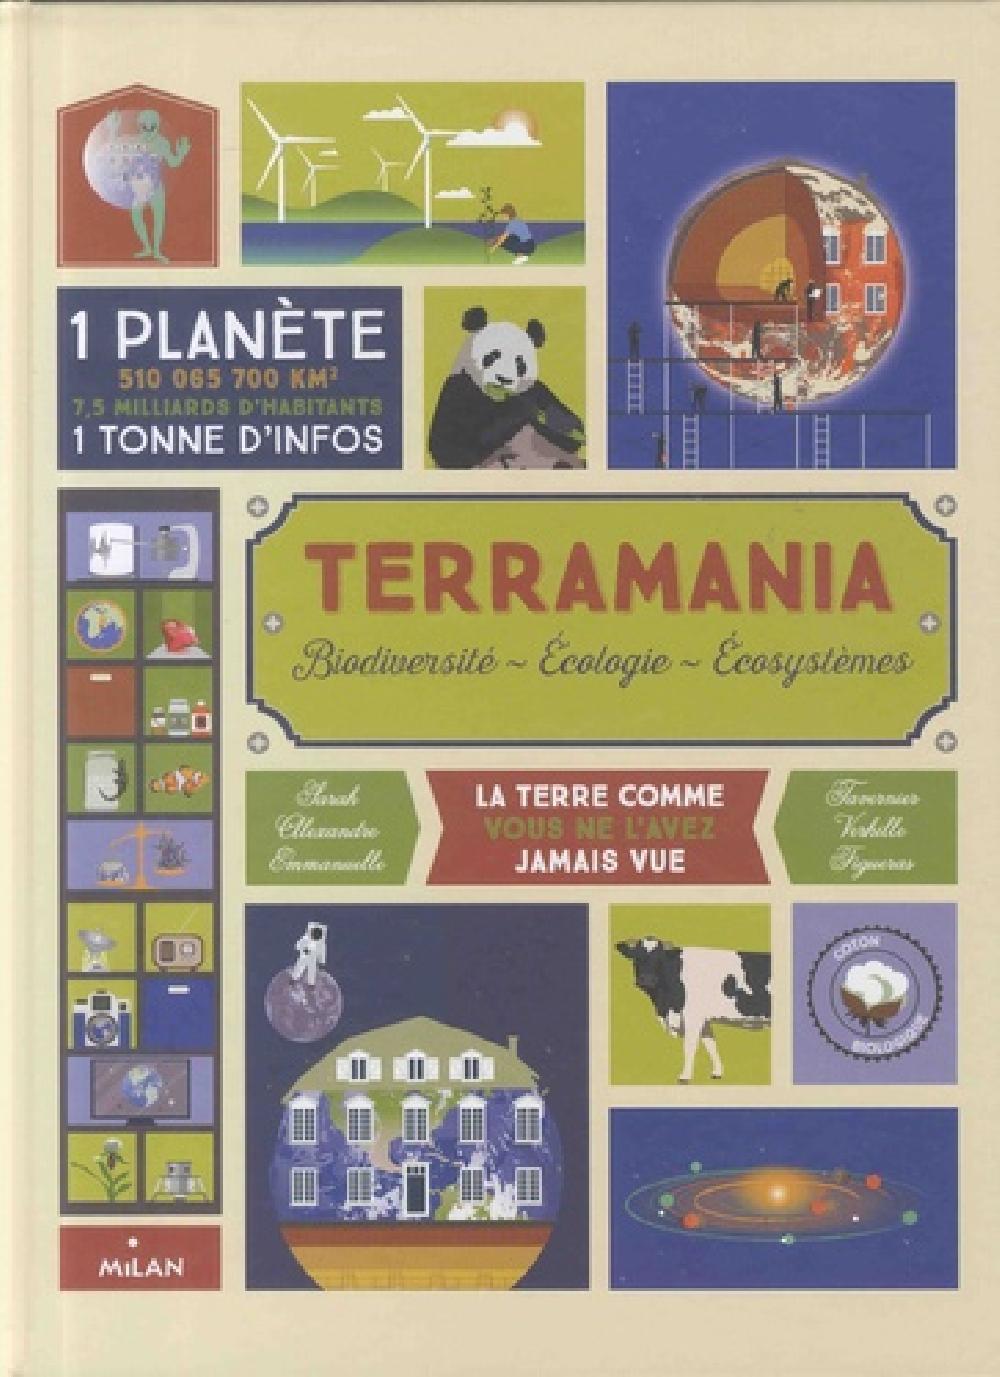 Terramania - Biodiversité, écologie, écosystèmes